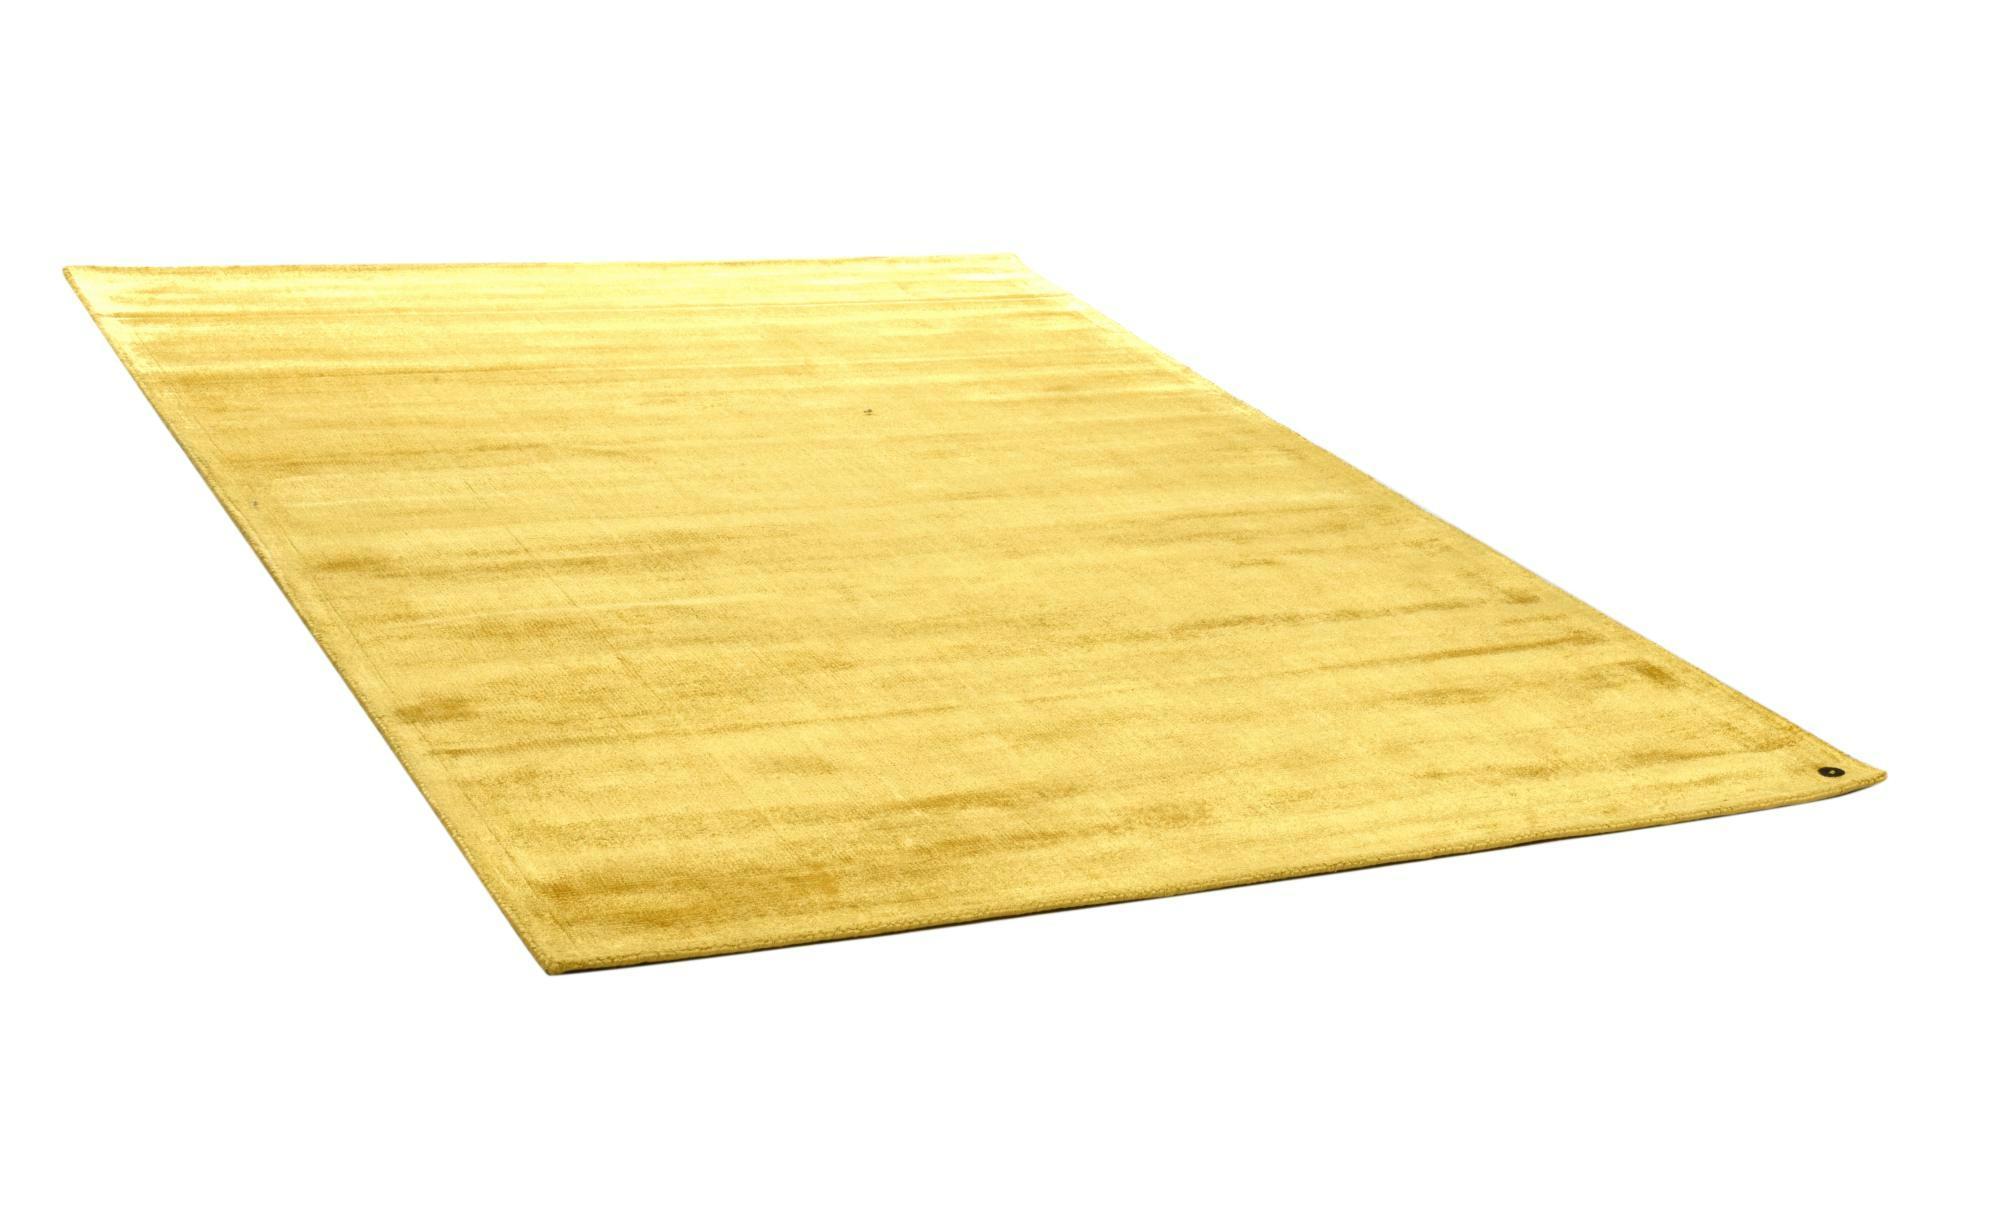 Tom Tailor Teppich handgewebt  Shine ¦ gelb ¦ reine Viskose ¦ Maße (cm): B: 160 Teppiche > Auslegware - Höffner